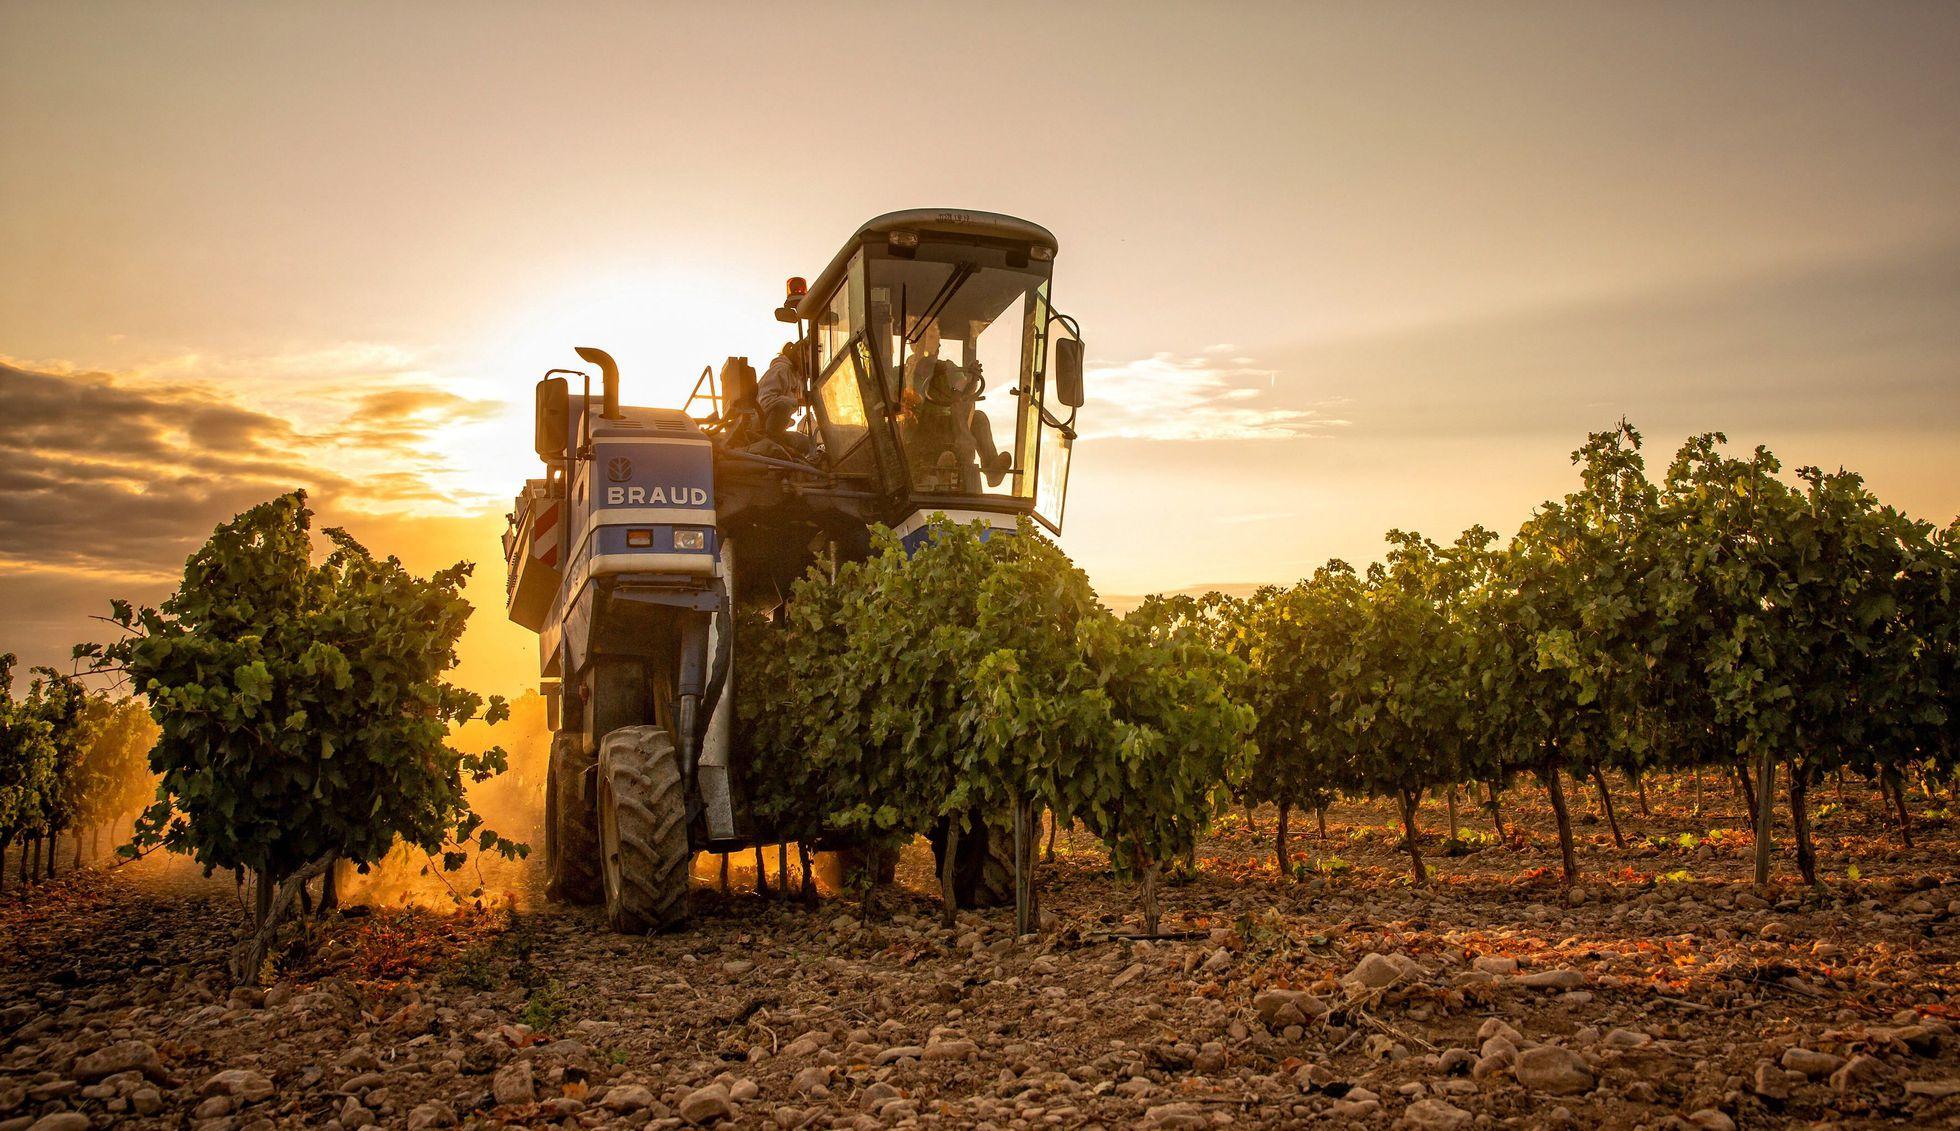 Arranca una vendimia con precios más altos por el aumento de la demanda y el recorte de la cosecha